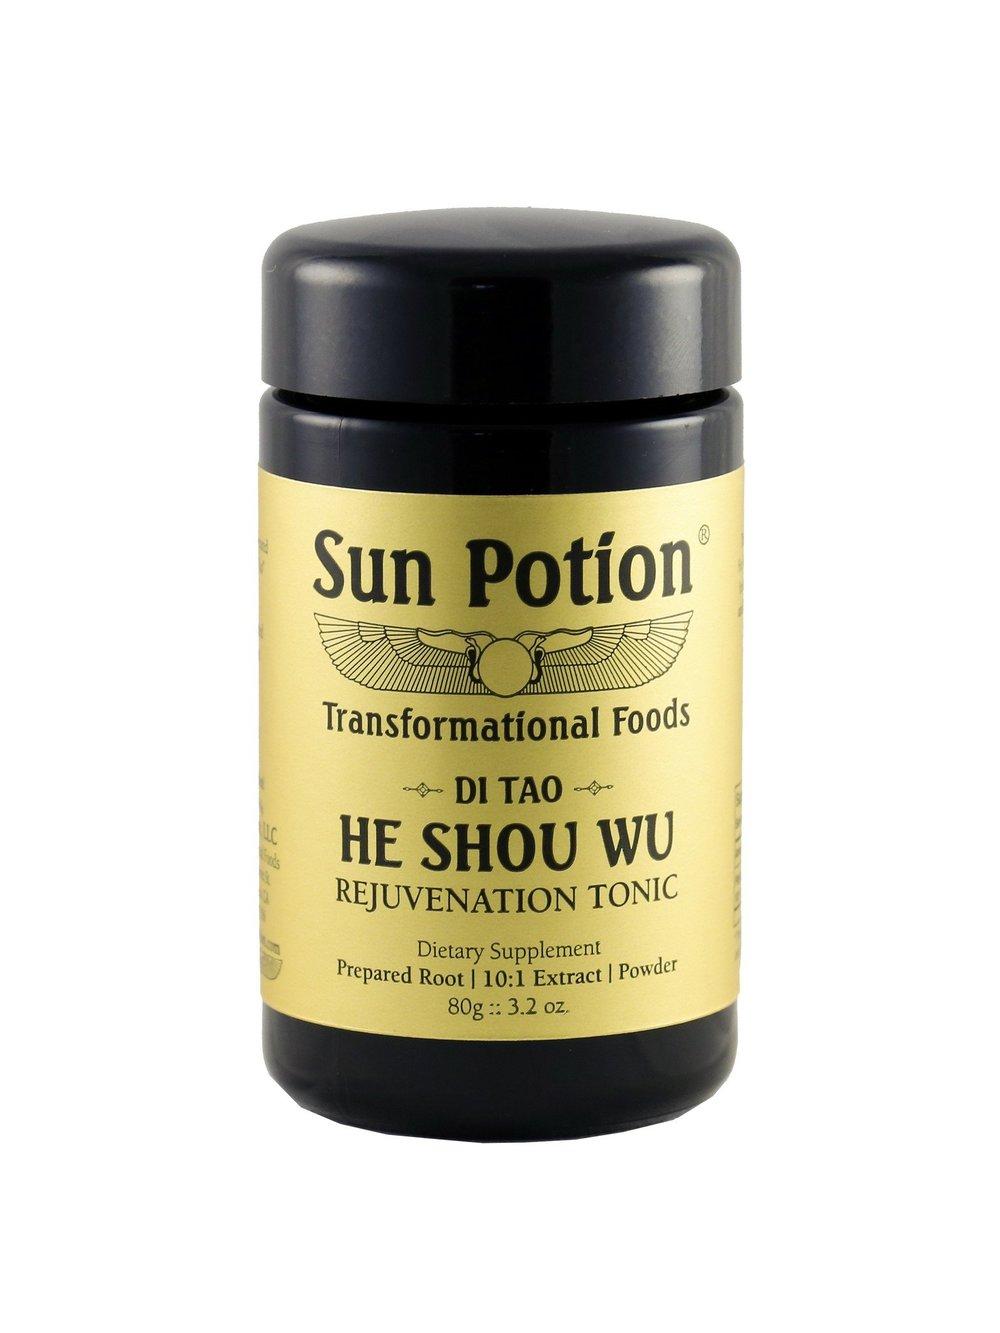 Image courtesy of Sunpotion.com